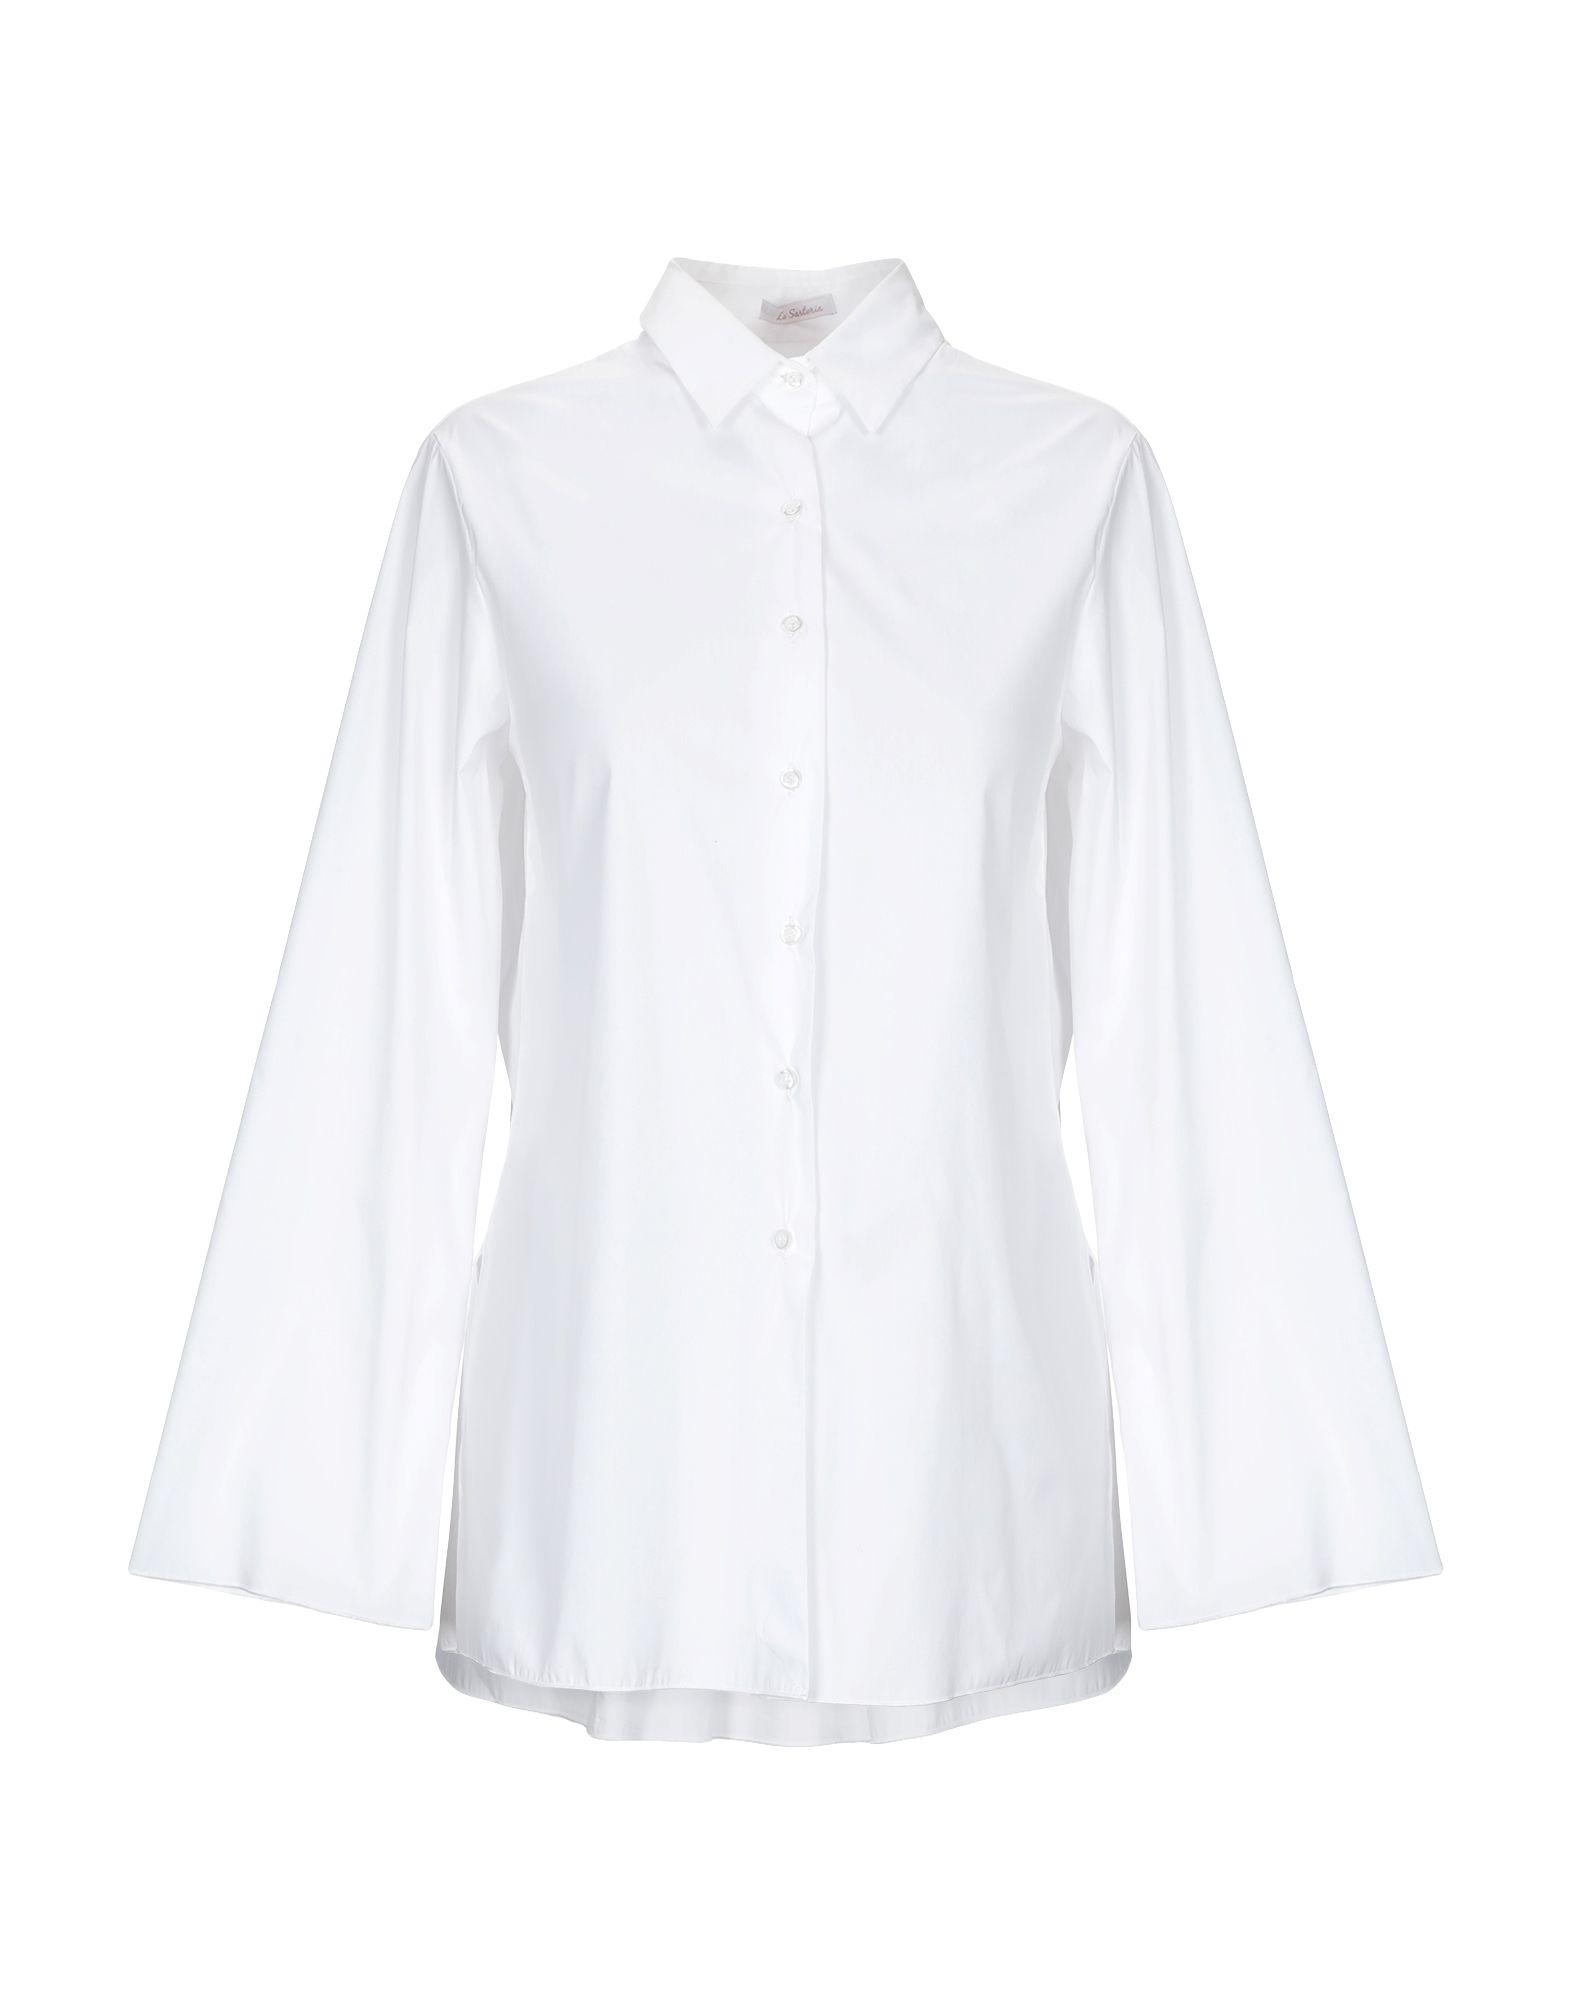 《送料無料》LA SARTORIA レディース シャツ ホワイト 40 コットン 98% / ポリウレタン 2%